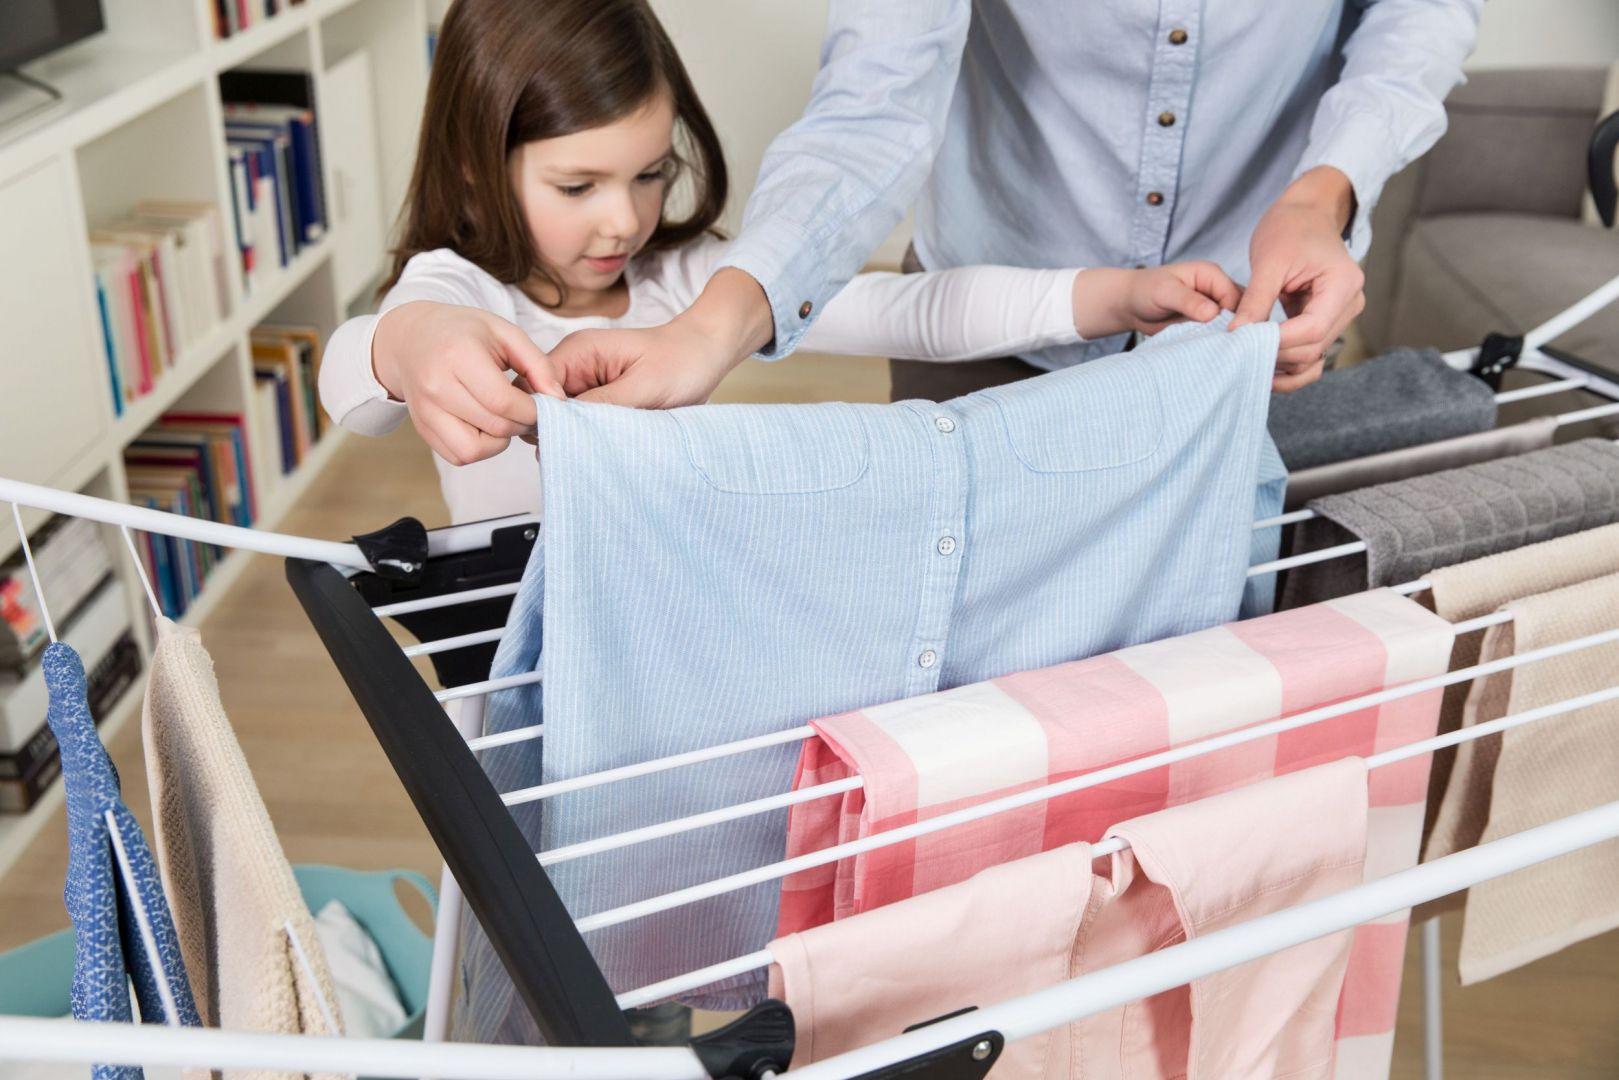 Poprawne pranie, a potem suszenie ubrań sprawi, że niektóre tkaniny w ogóle nie będą wymagały wyprasowania. Fot. Vileda